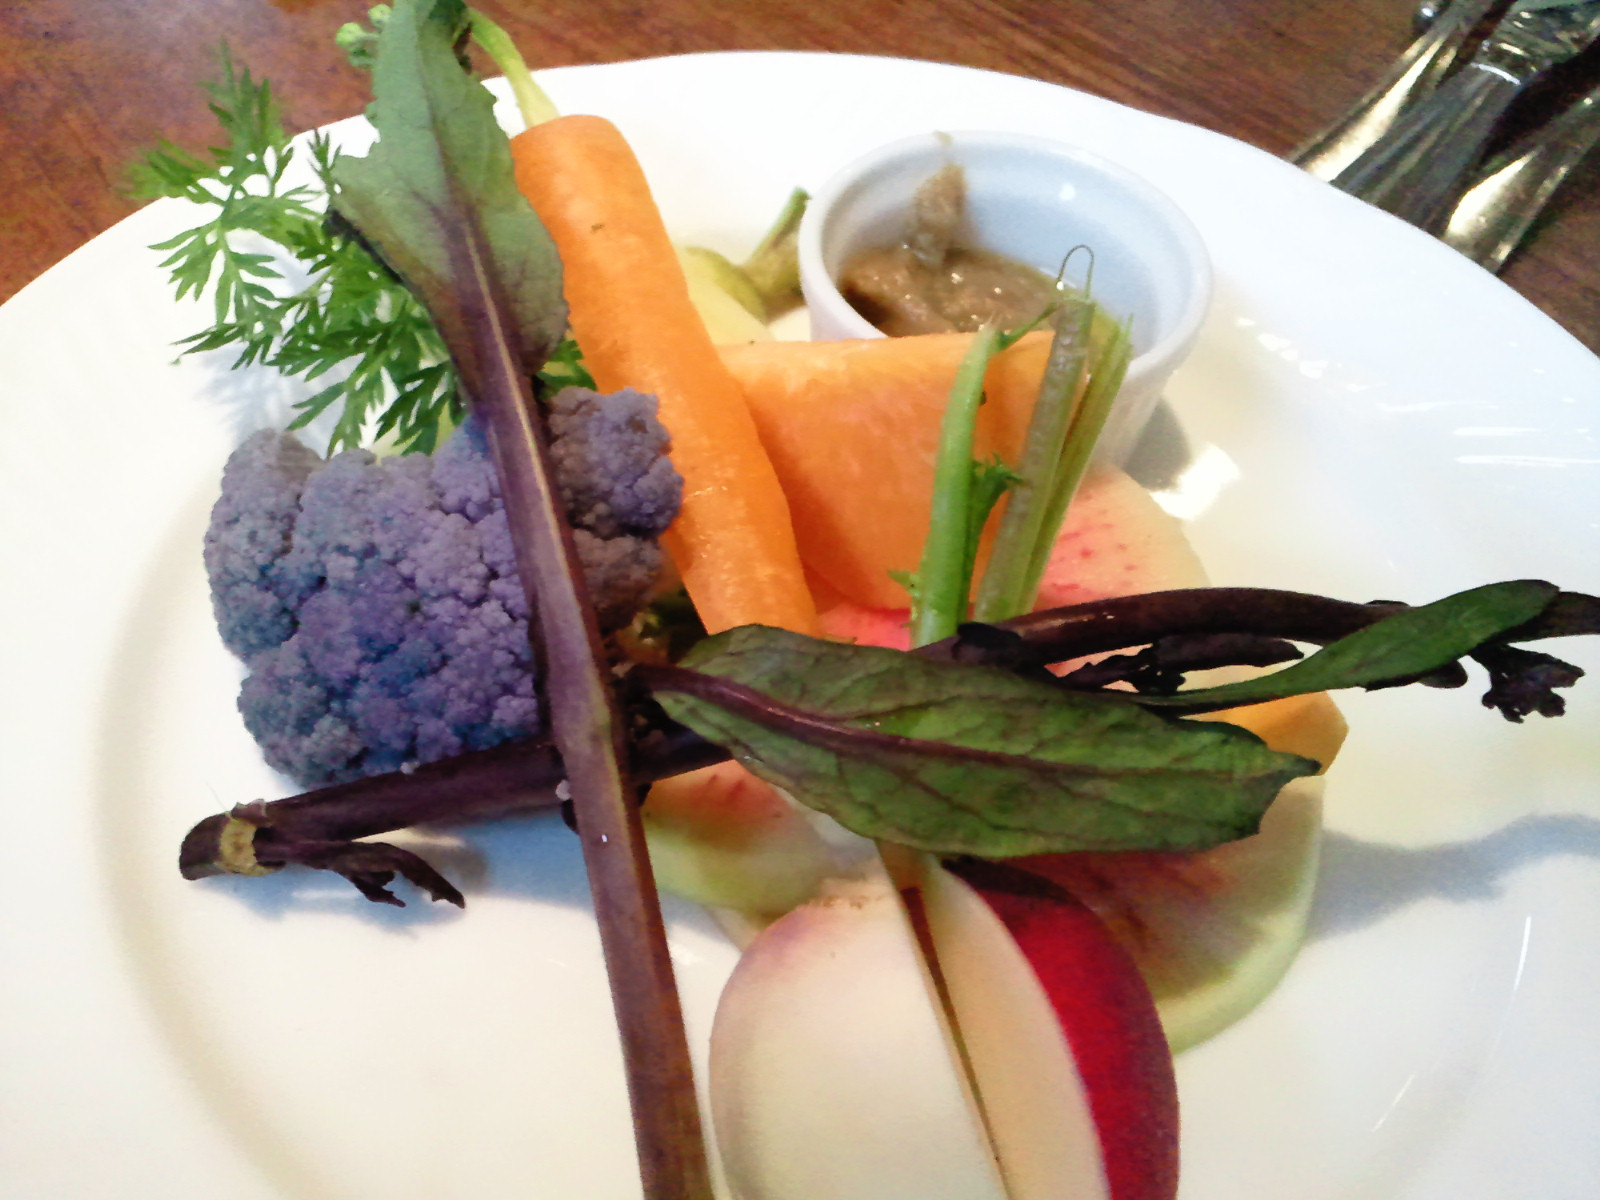 鎌倉野菜のバーニャカウダ@Rans